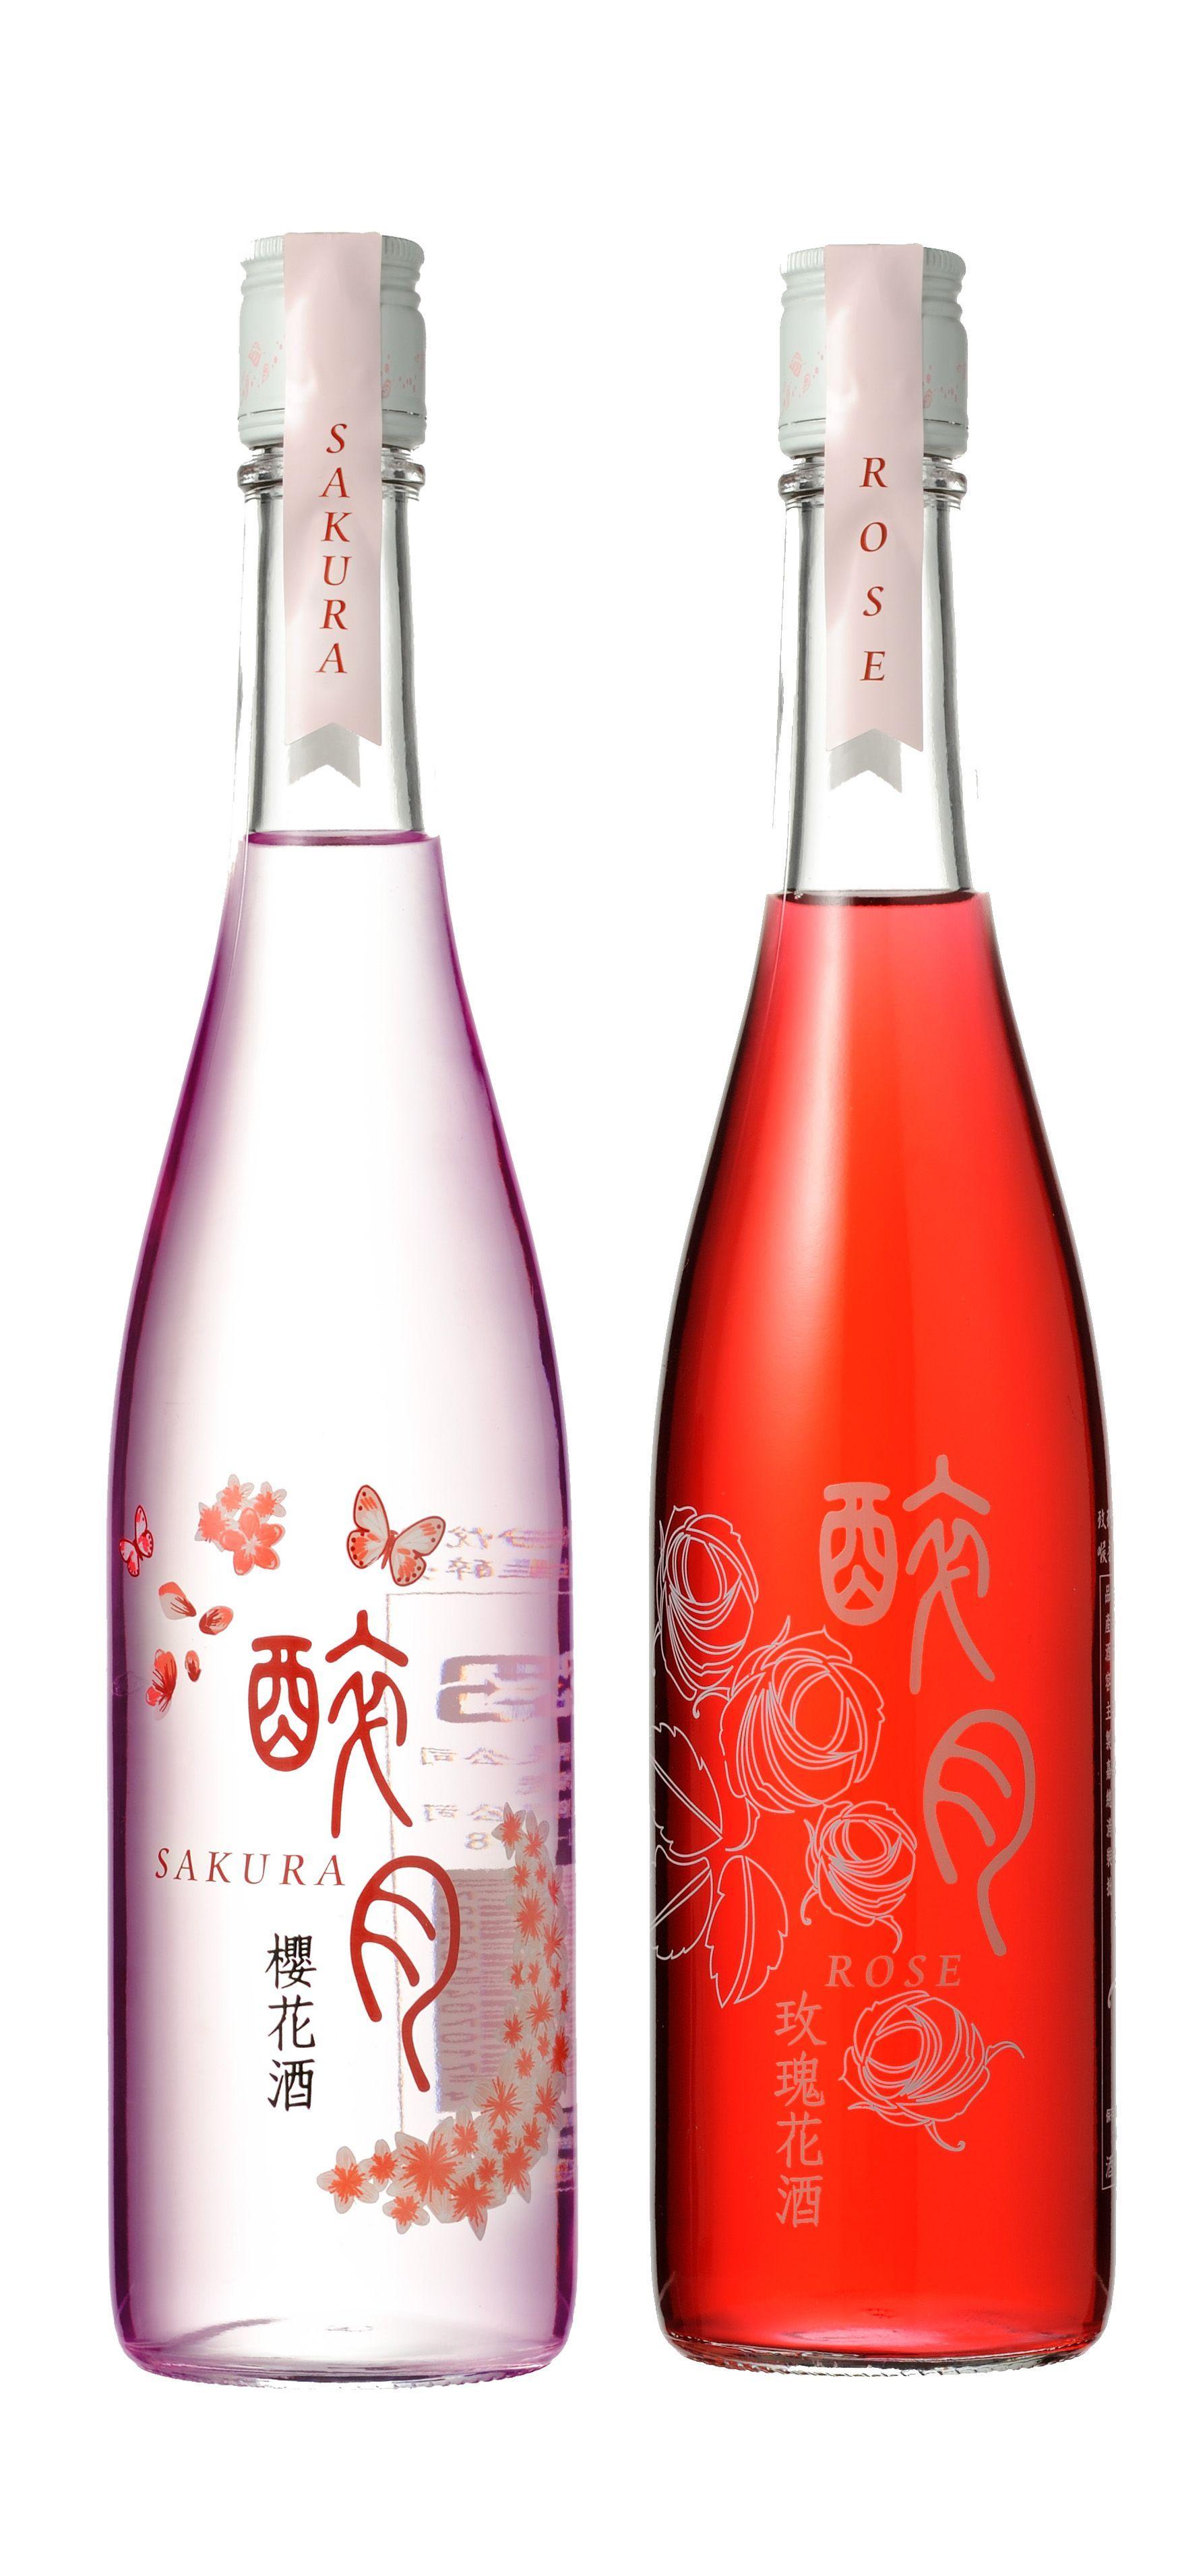 404 Not Found Wine Bottle Sakura Flower Rose Wine Bottle